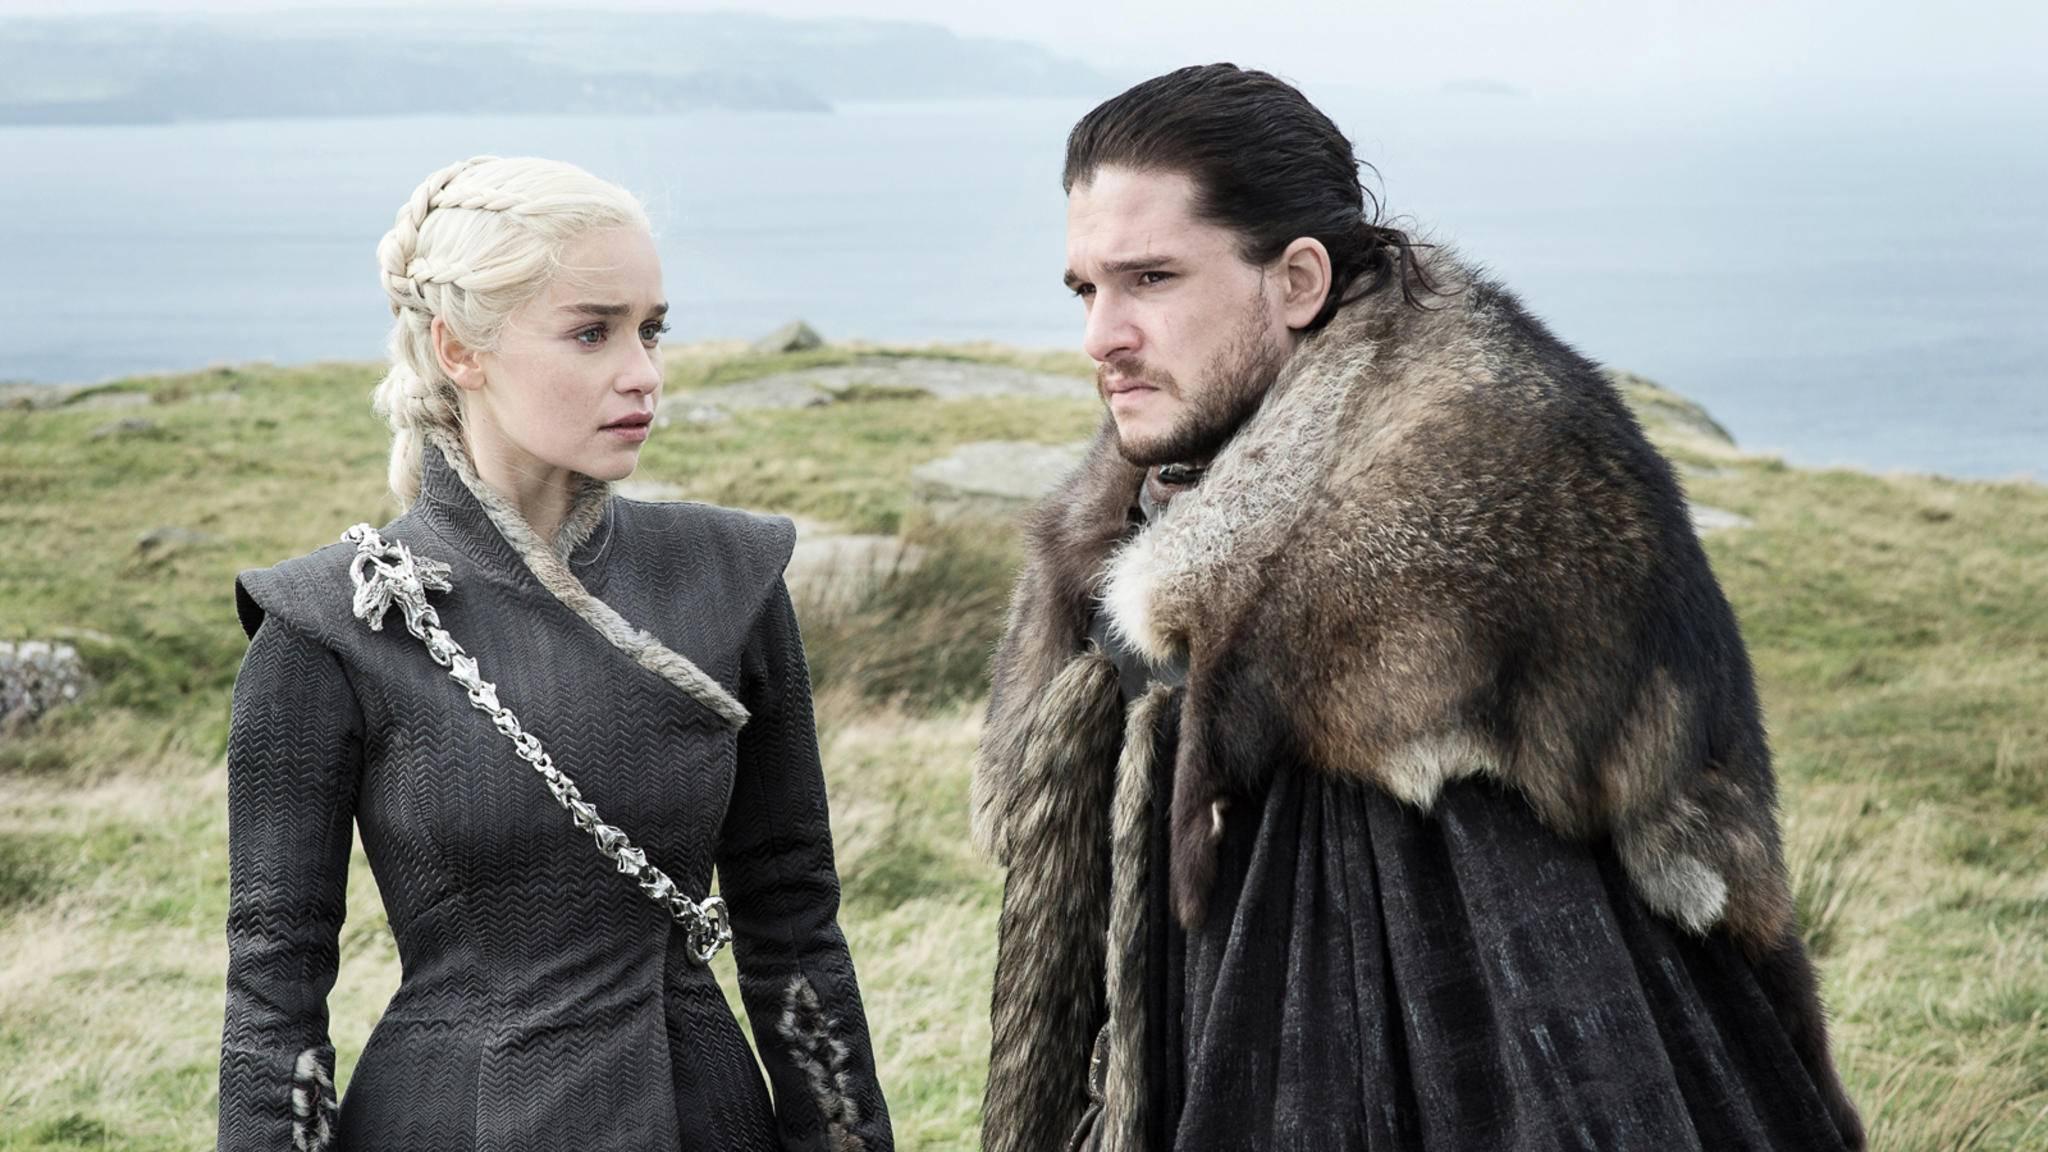 Kommen sich beim Drachen-Streicheln näher: Daenerys Targaryen und Jon Snow.